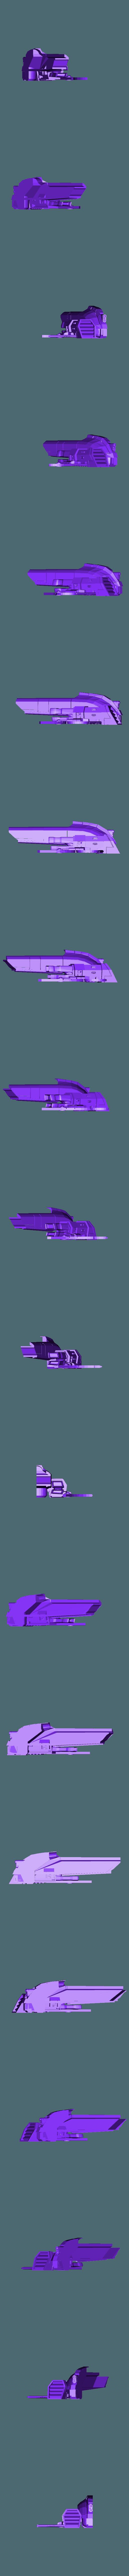 Pirahna_Left_half_.obj Download free OBJ file Man Eating Fish Jet • 3D print design, Leesedrenfort